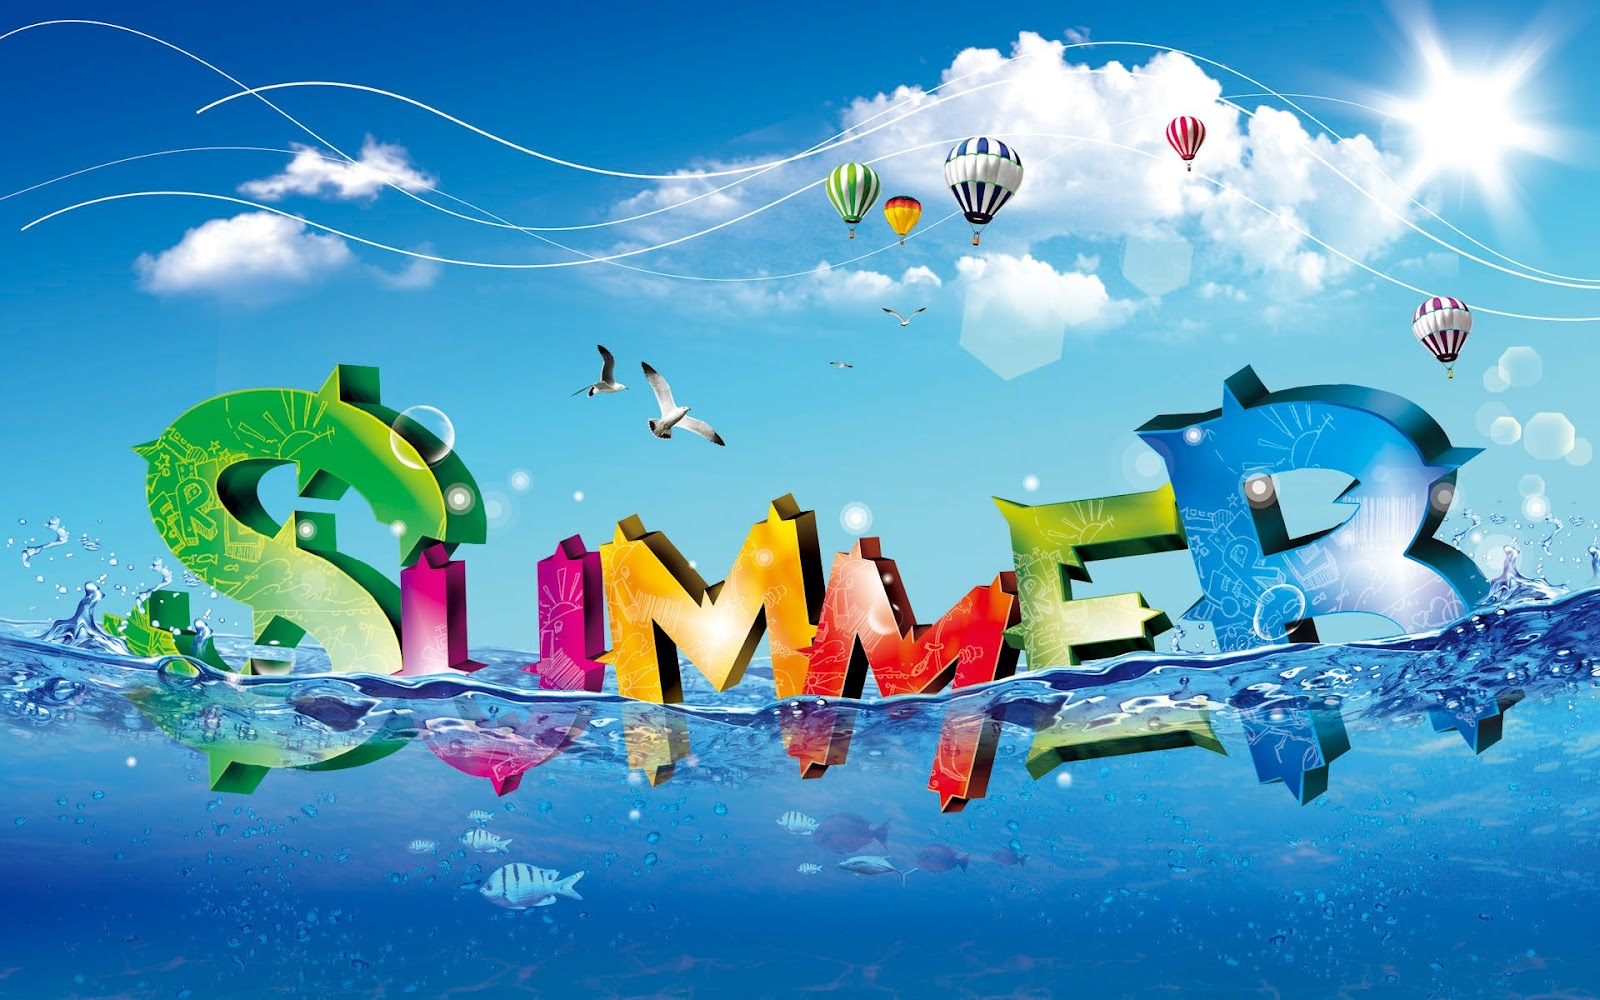 wallpaper hot summer wallpaper summer beach wallpaper summer wallpaper 1600x1000